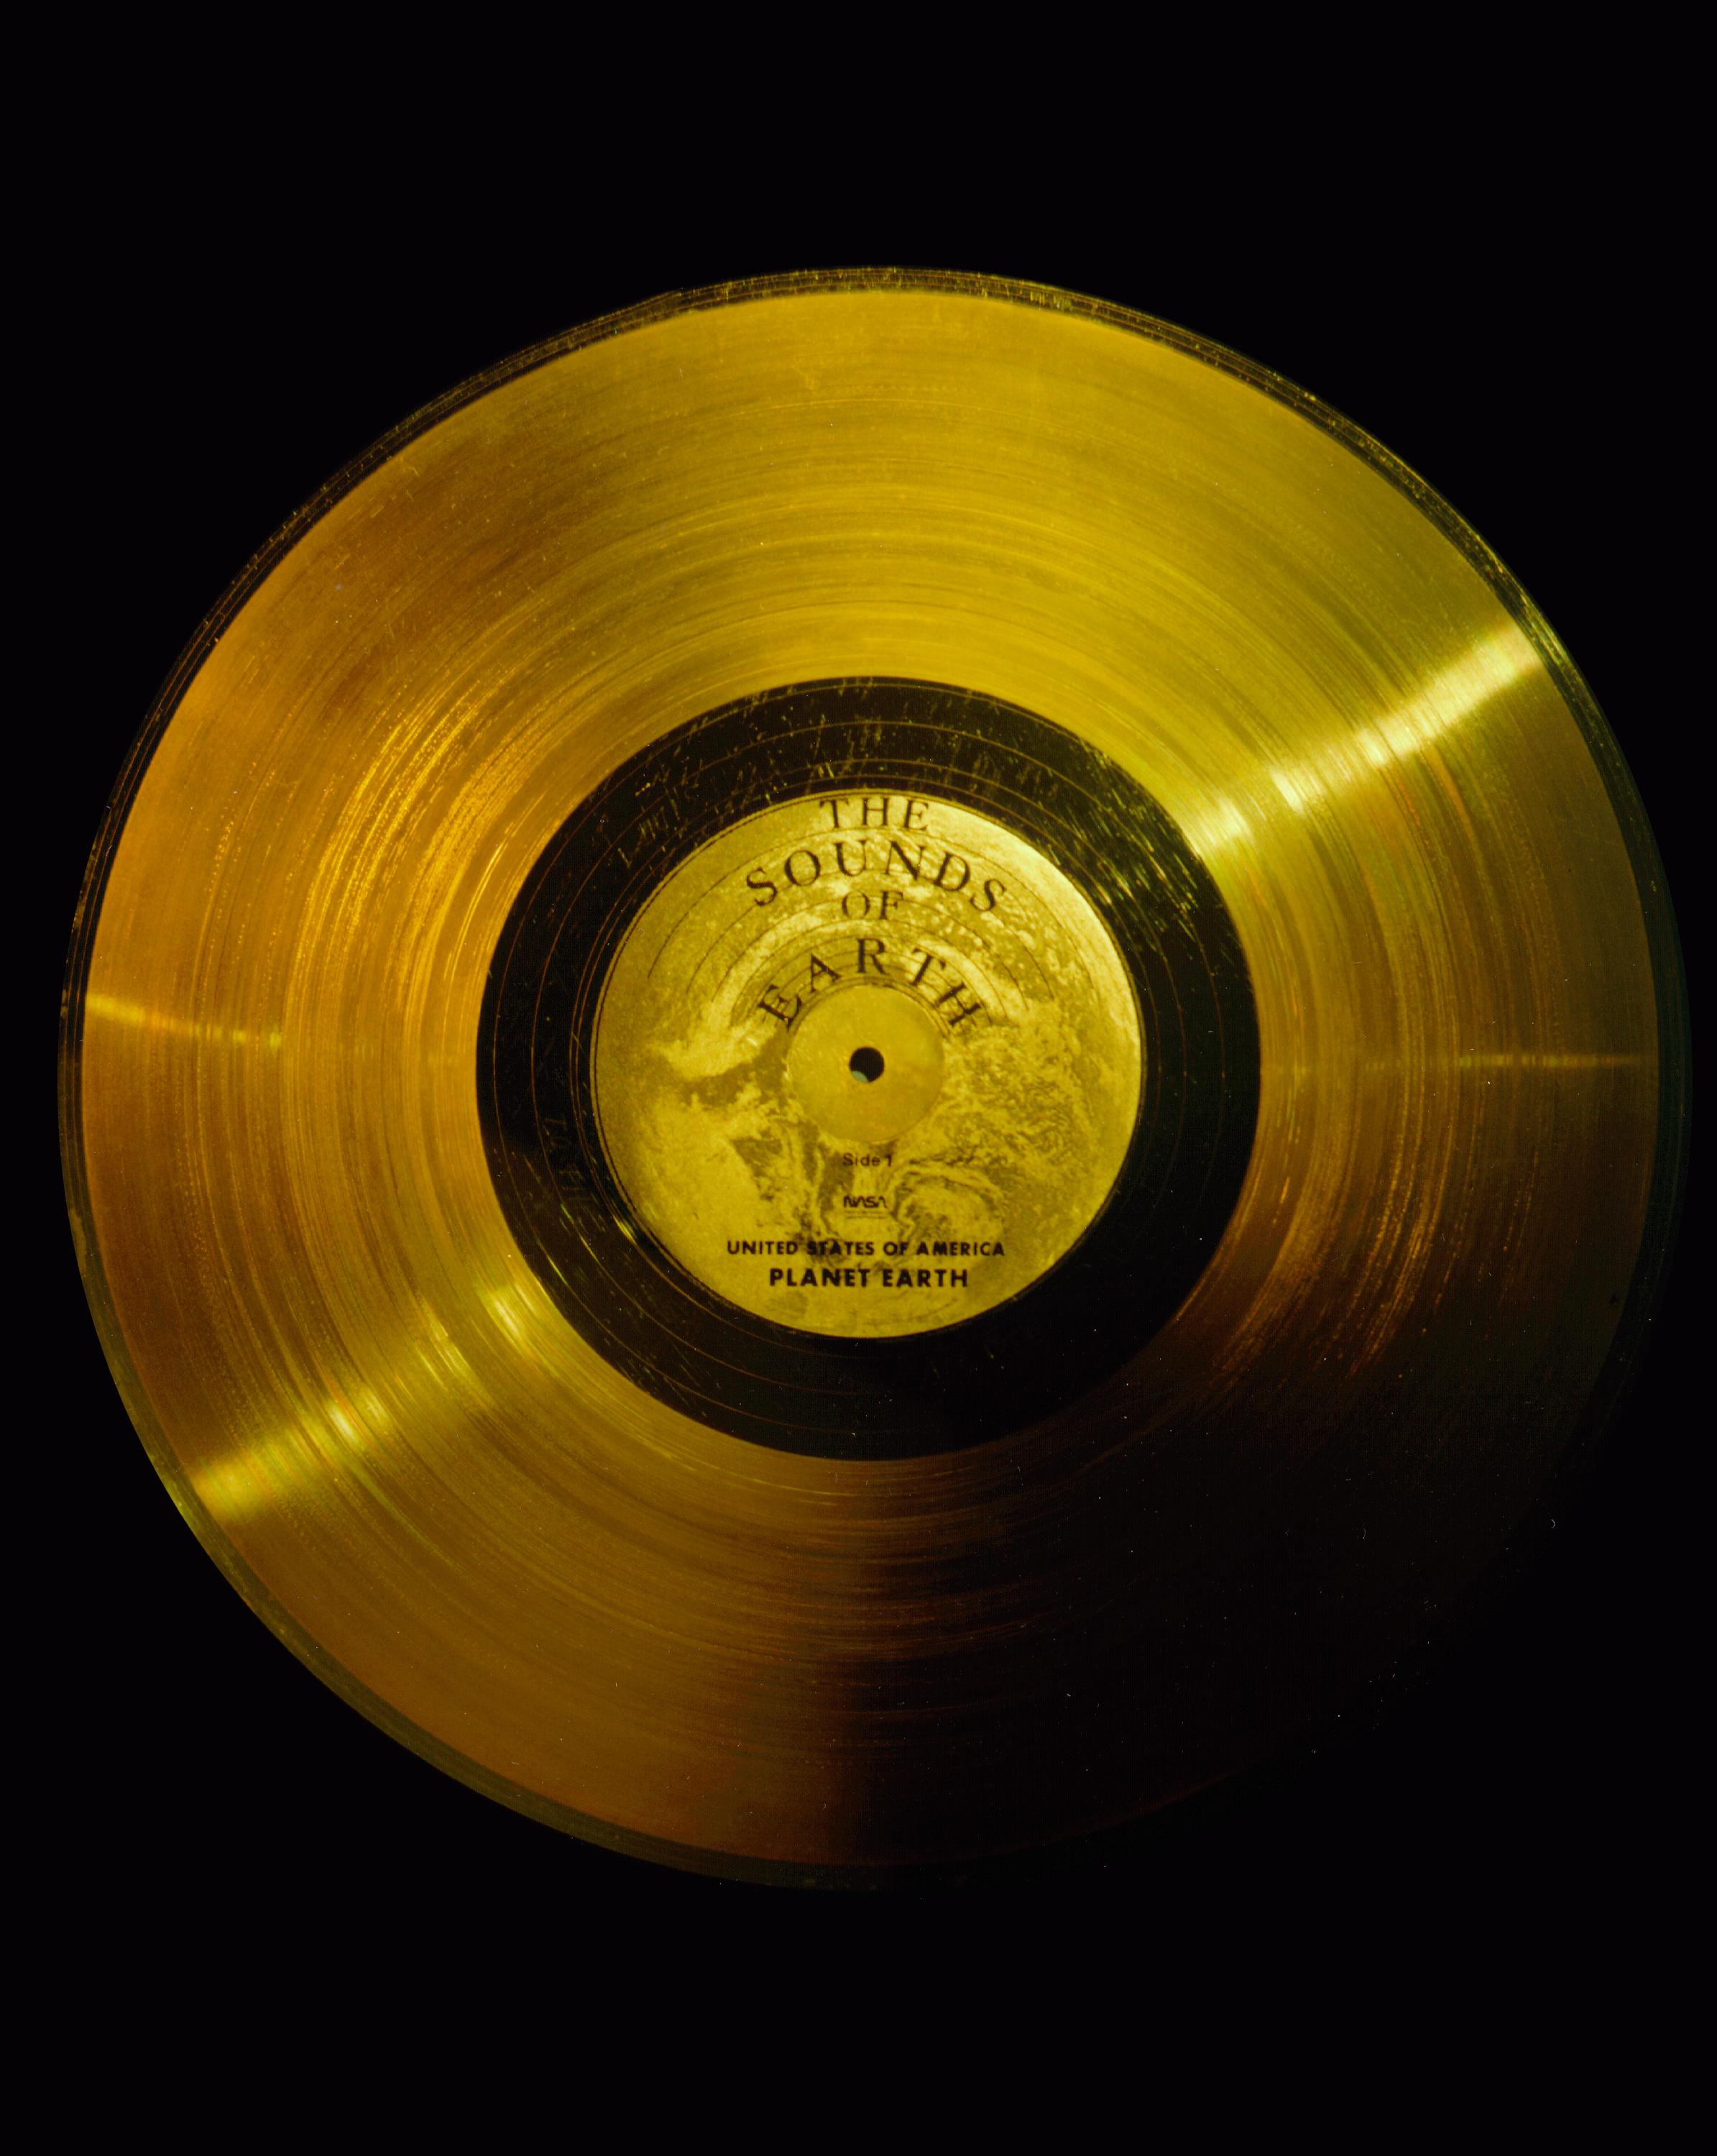 voyager golden record 02 Le Voyager Golden Record : Comment se présenter aux extraterrestres ?